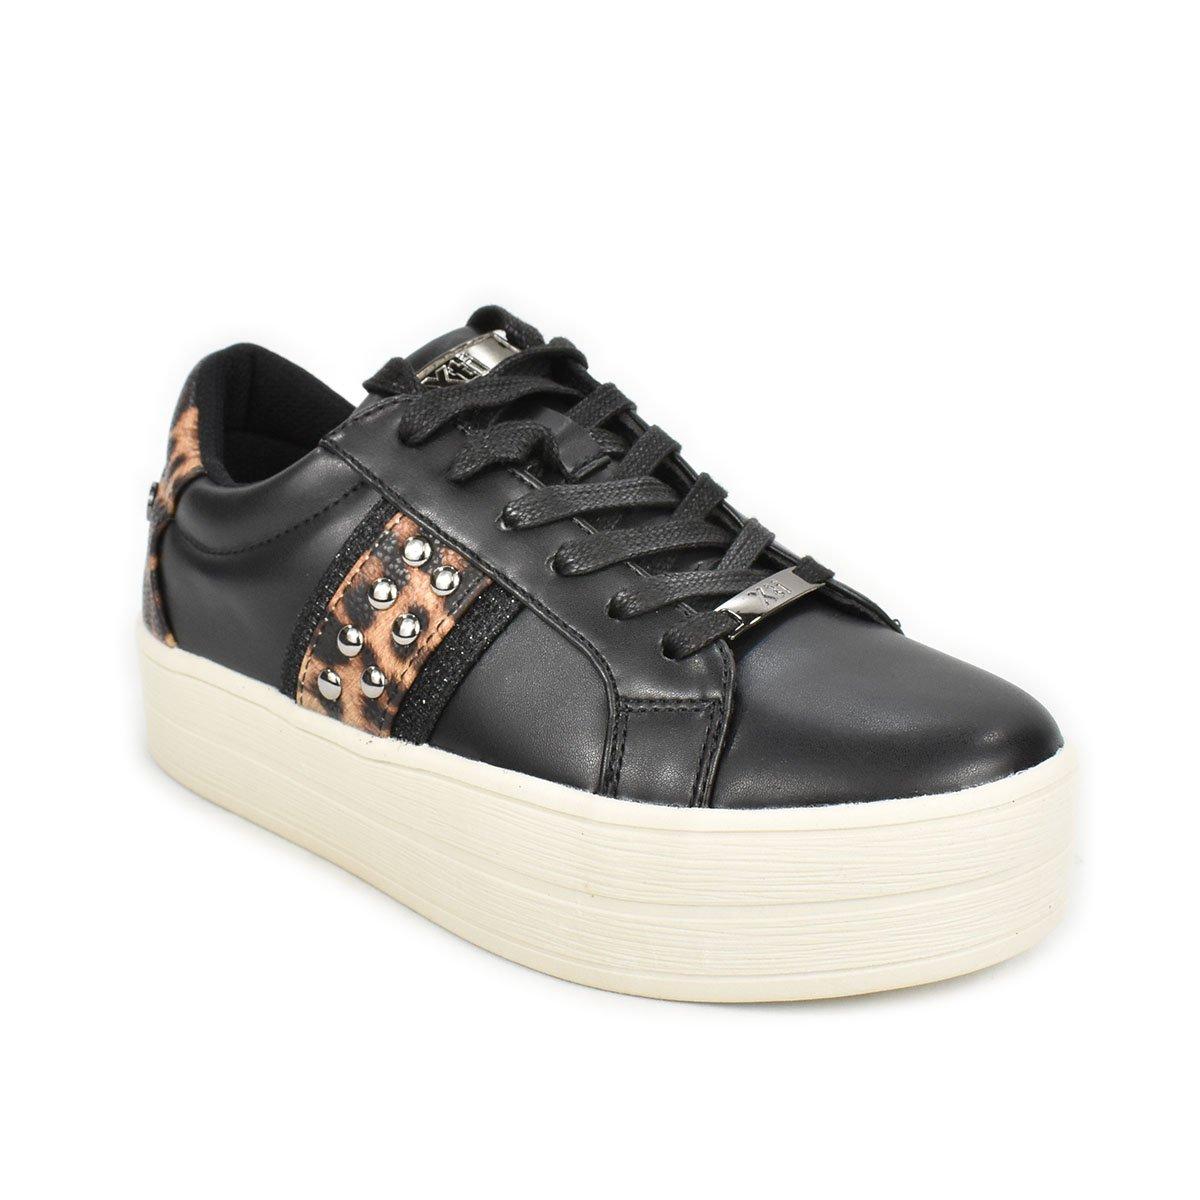 Sneakers nera con dettagli leopardati e suola a zeppa - XTI 44688